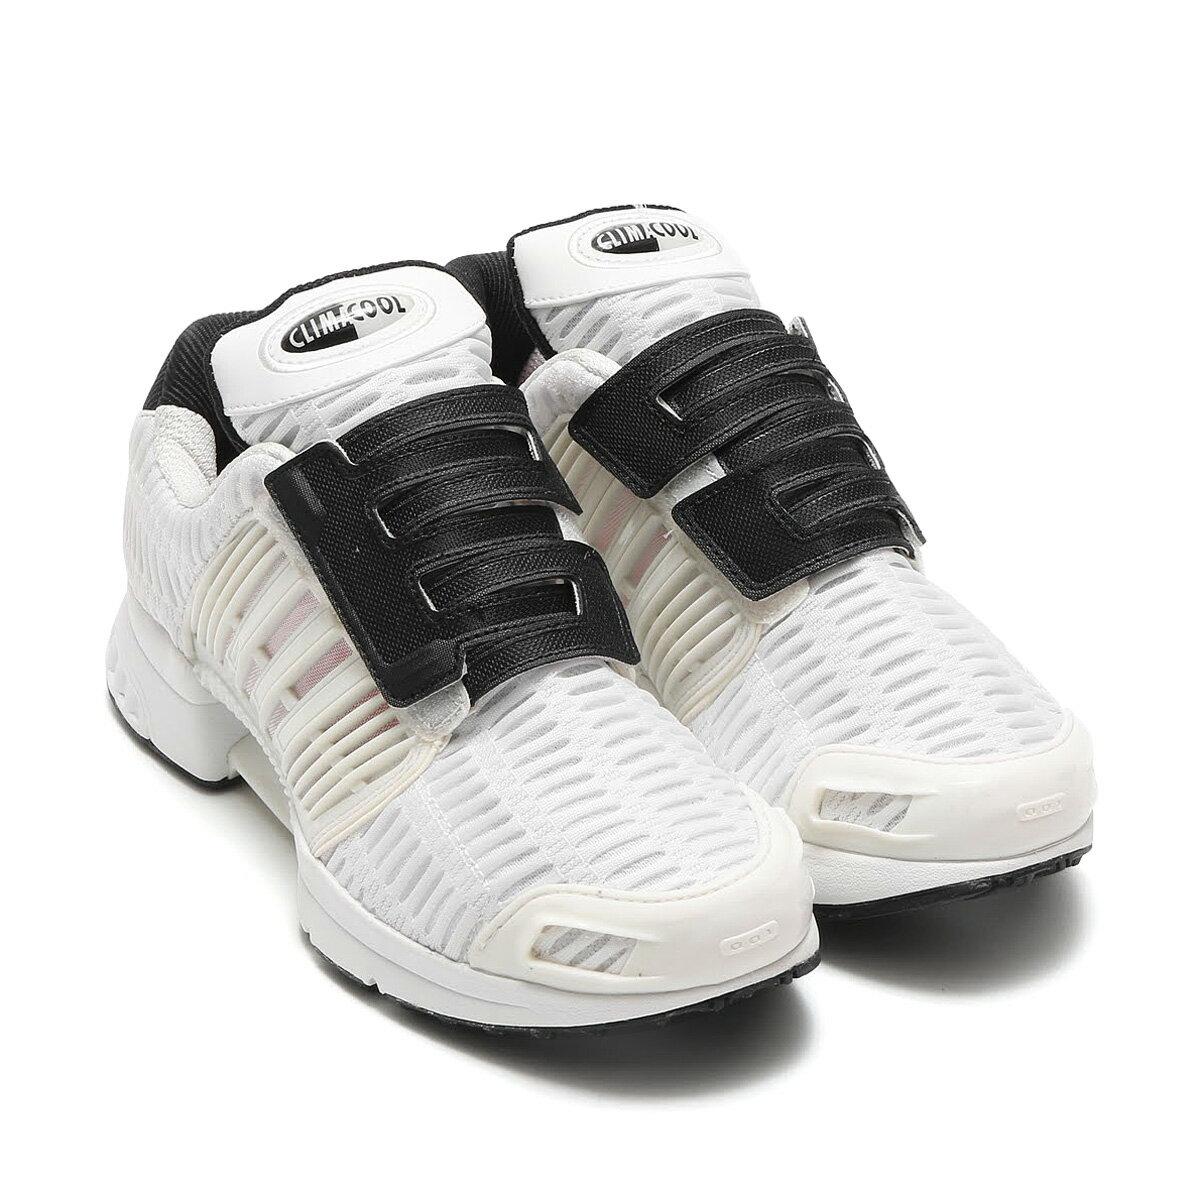 adidasOriginals CLIMACOOL 1 CMF (アディダス クライマクール 1 CMF)VINTAGE WHITE S15【メンズ レディース スニーカー】17SS-I